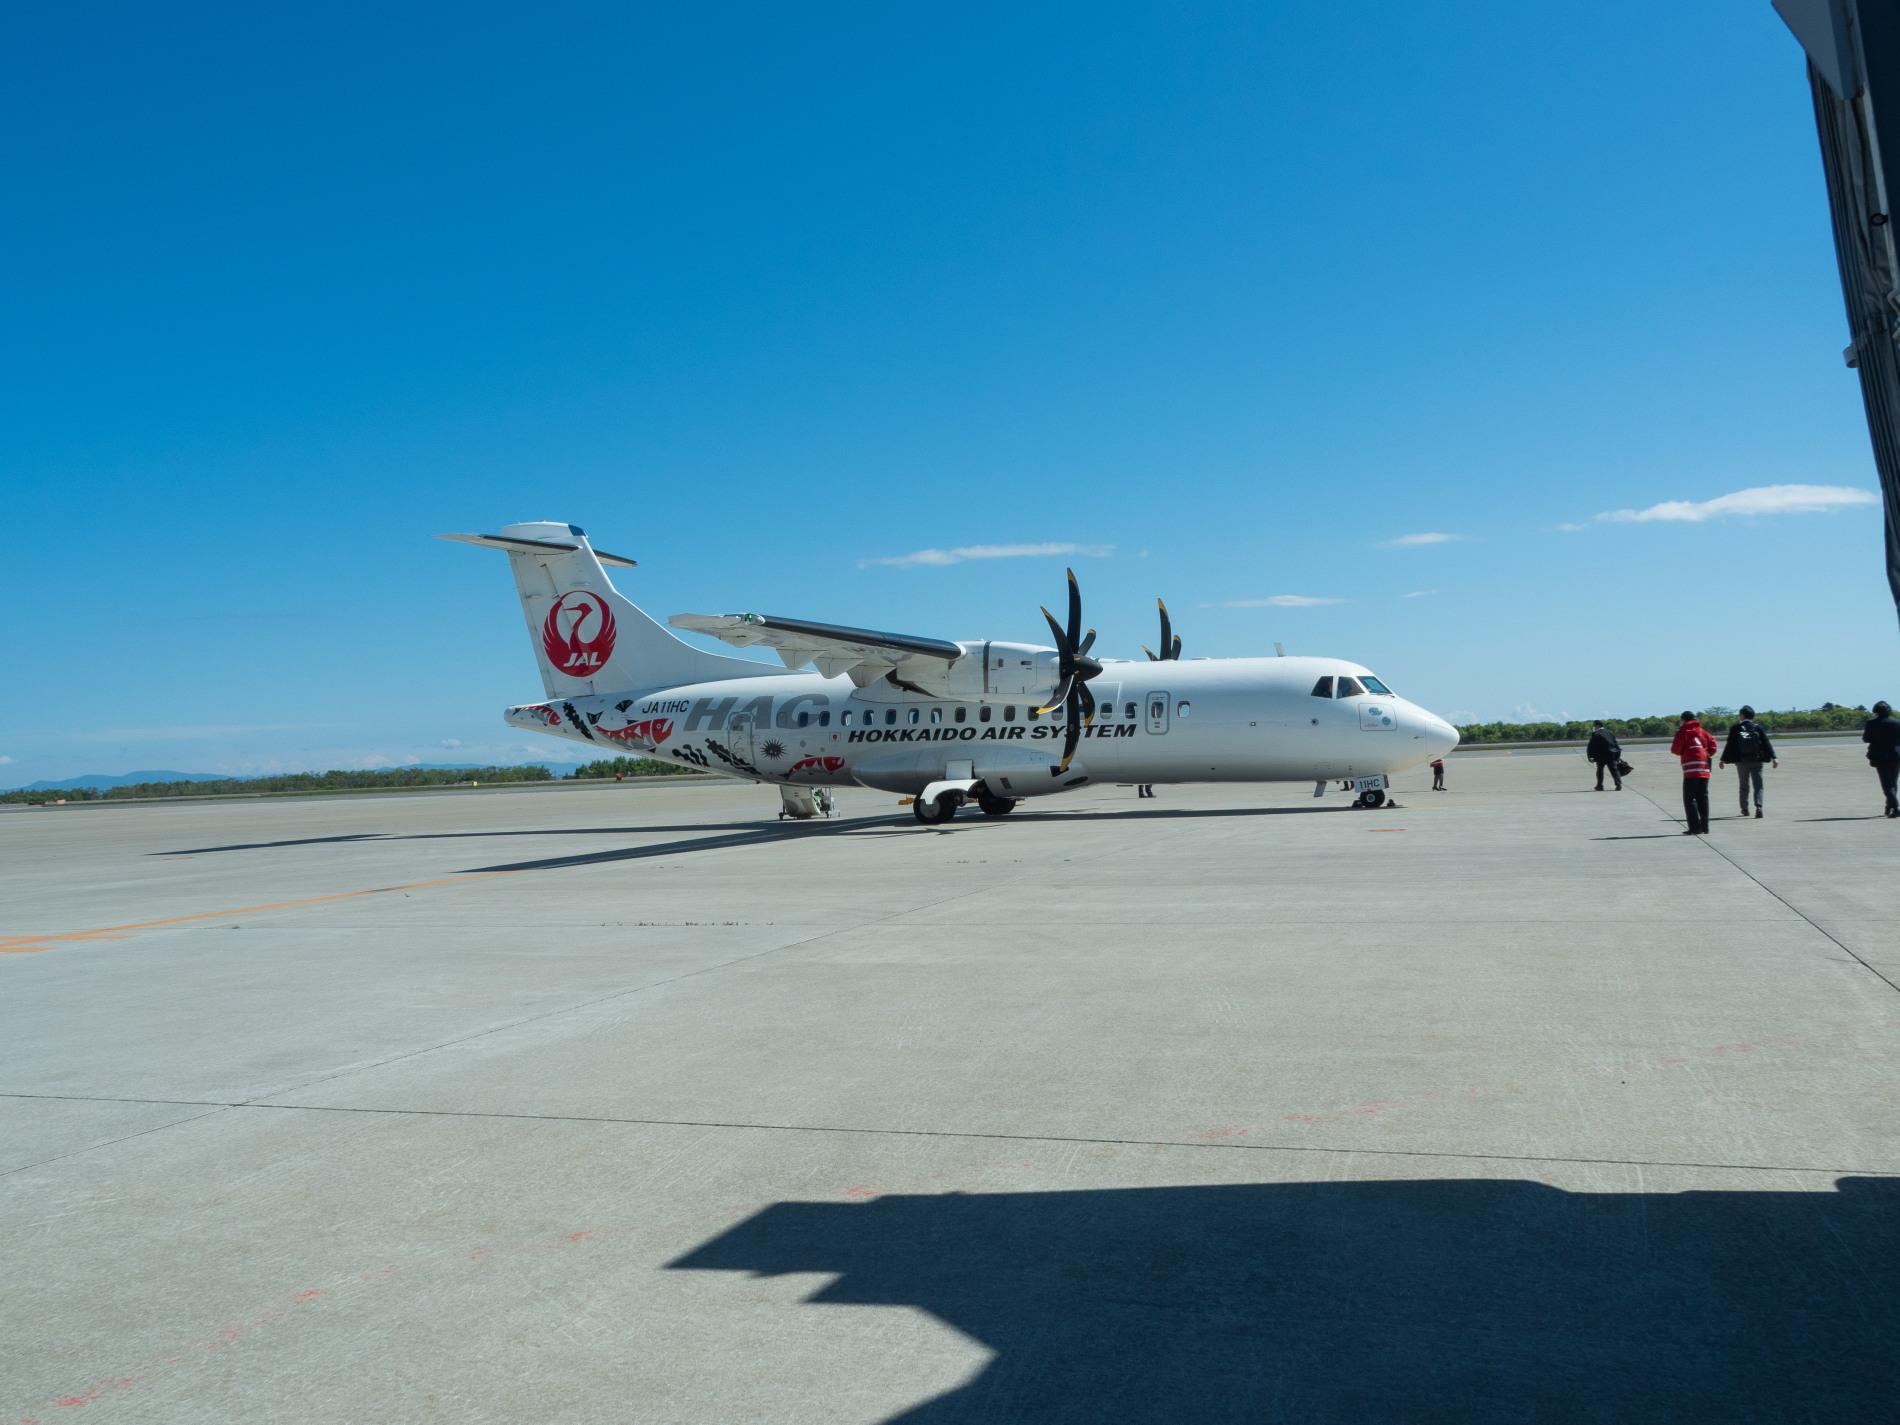 北海道エアシステムの新機材ATR42に乗って・・函館へ(3)_f0276498_22051669.jpg